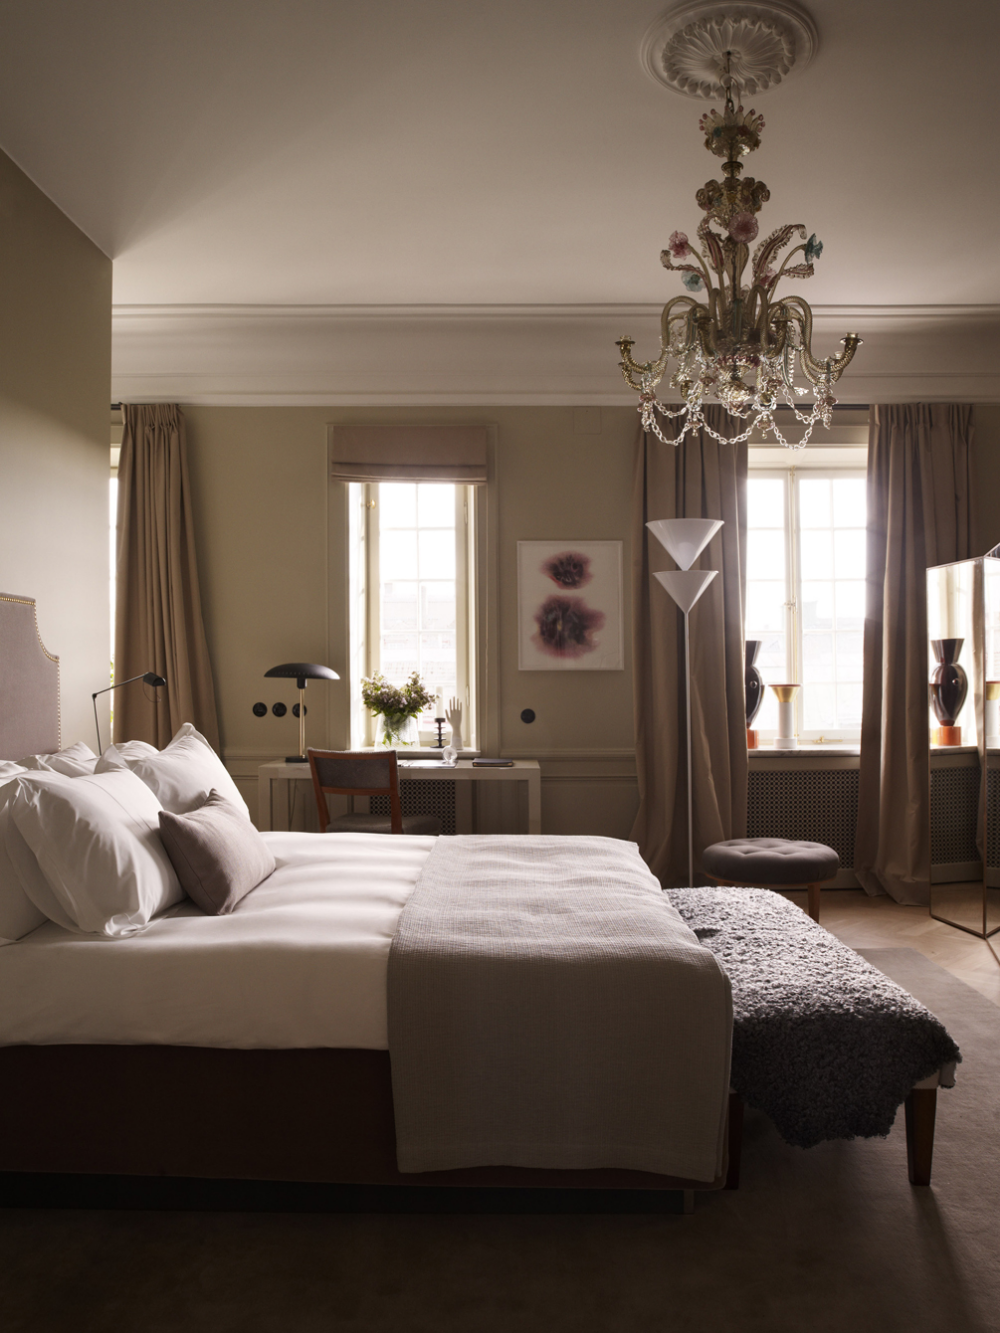 Double Room Ett Hem In 2020 Bedroom Interior Home Home Bedroom